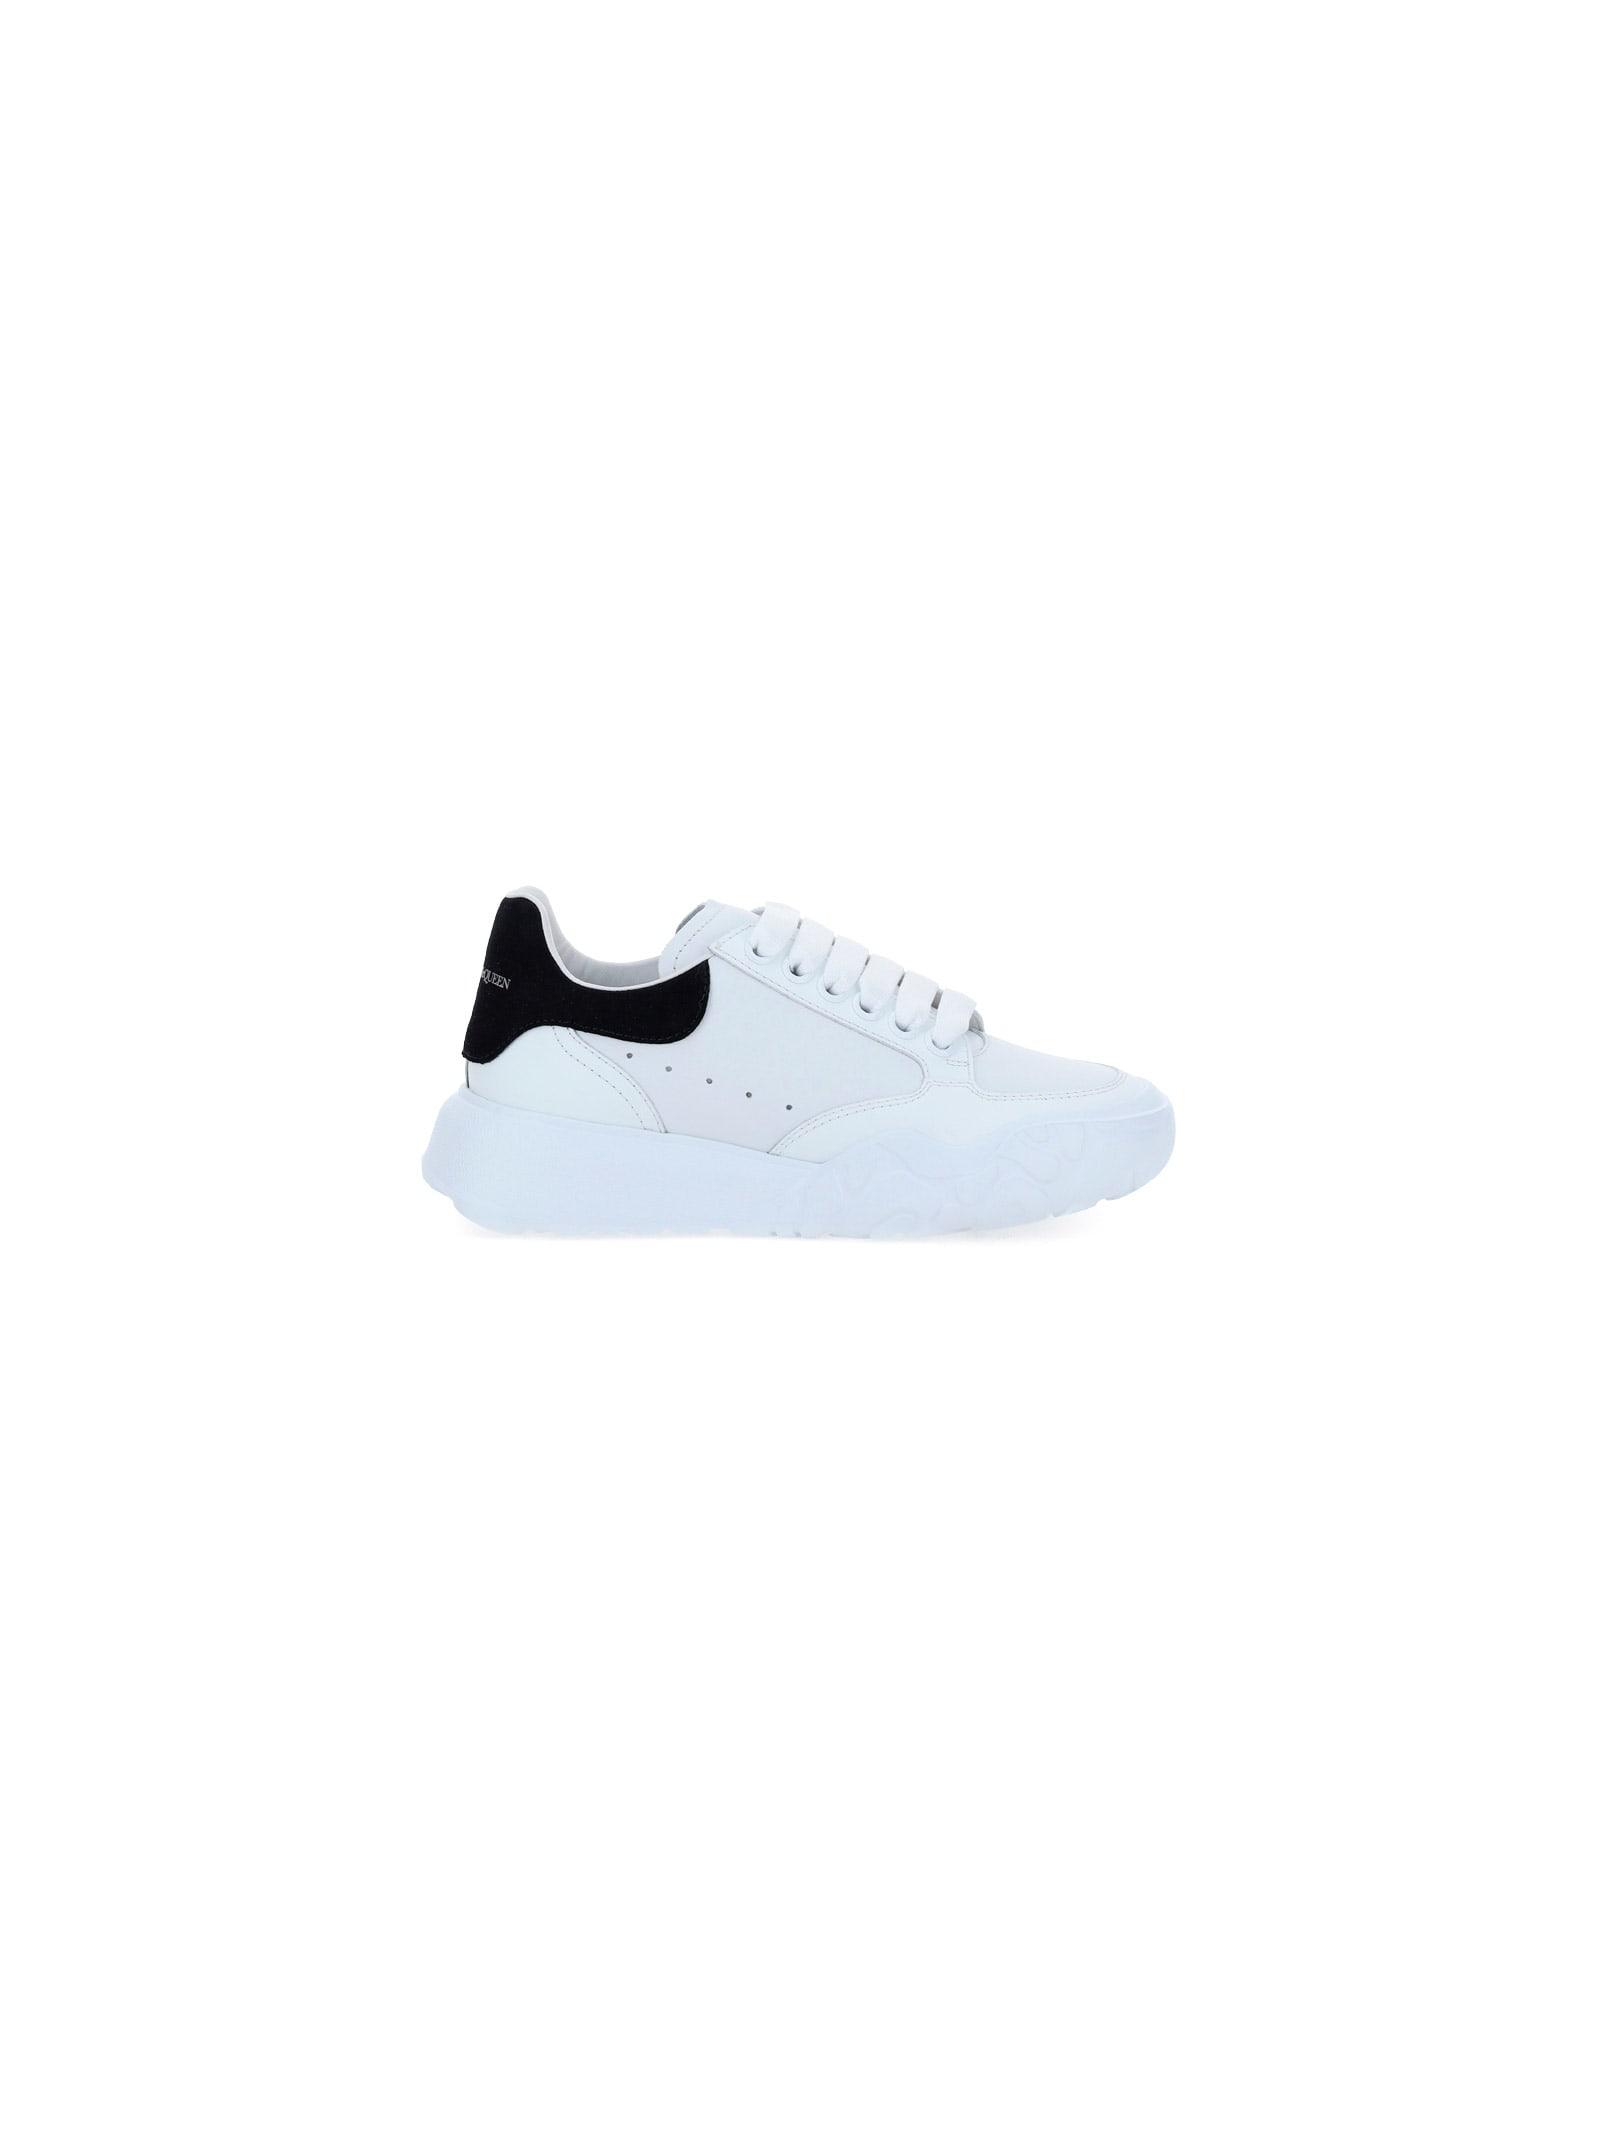 Buy Alexander McQueen Court Low-top Sneakers online, shop Alexander McQueen shoes with free shipping